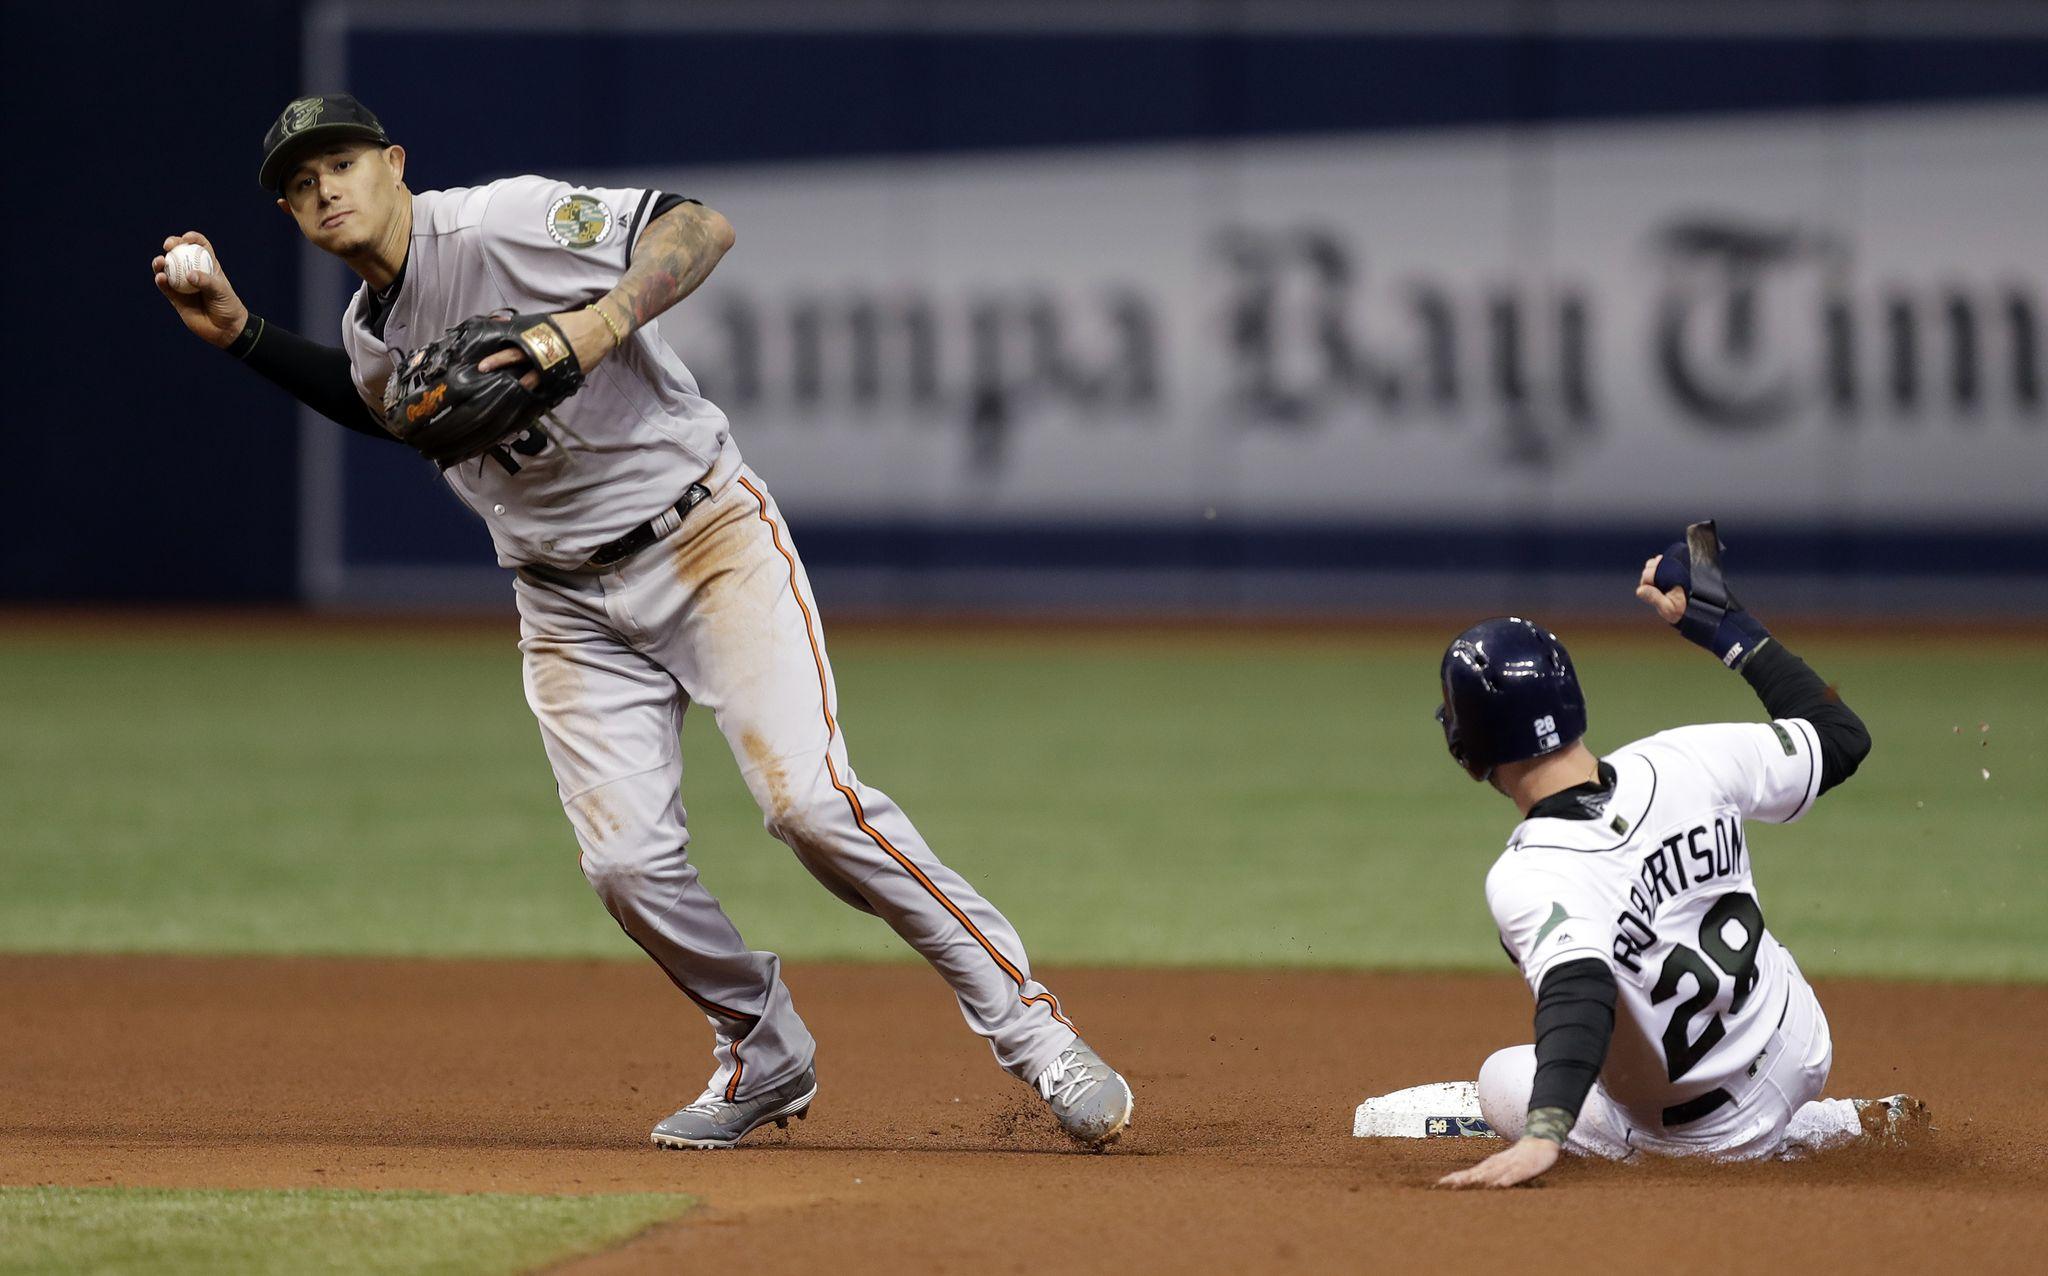 Orioles_rays_baseball_96285.jpg-288d7_s2048x1276